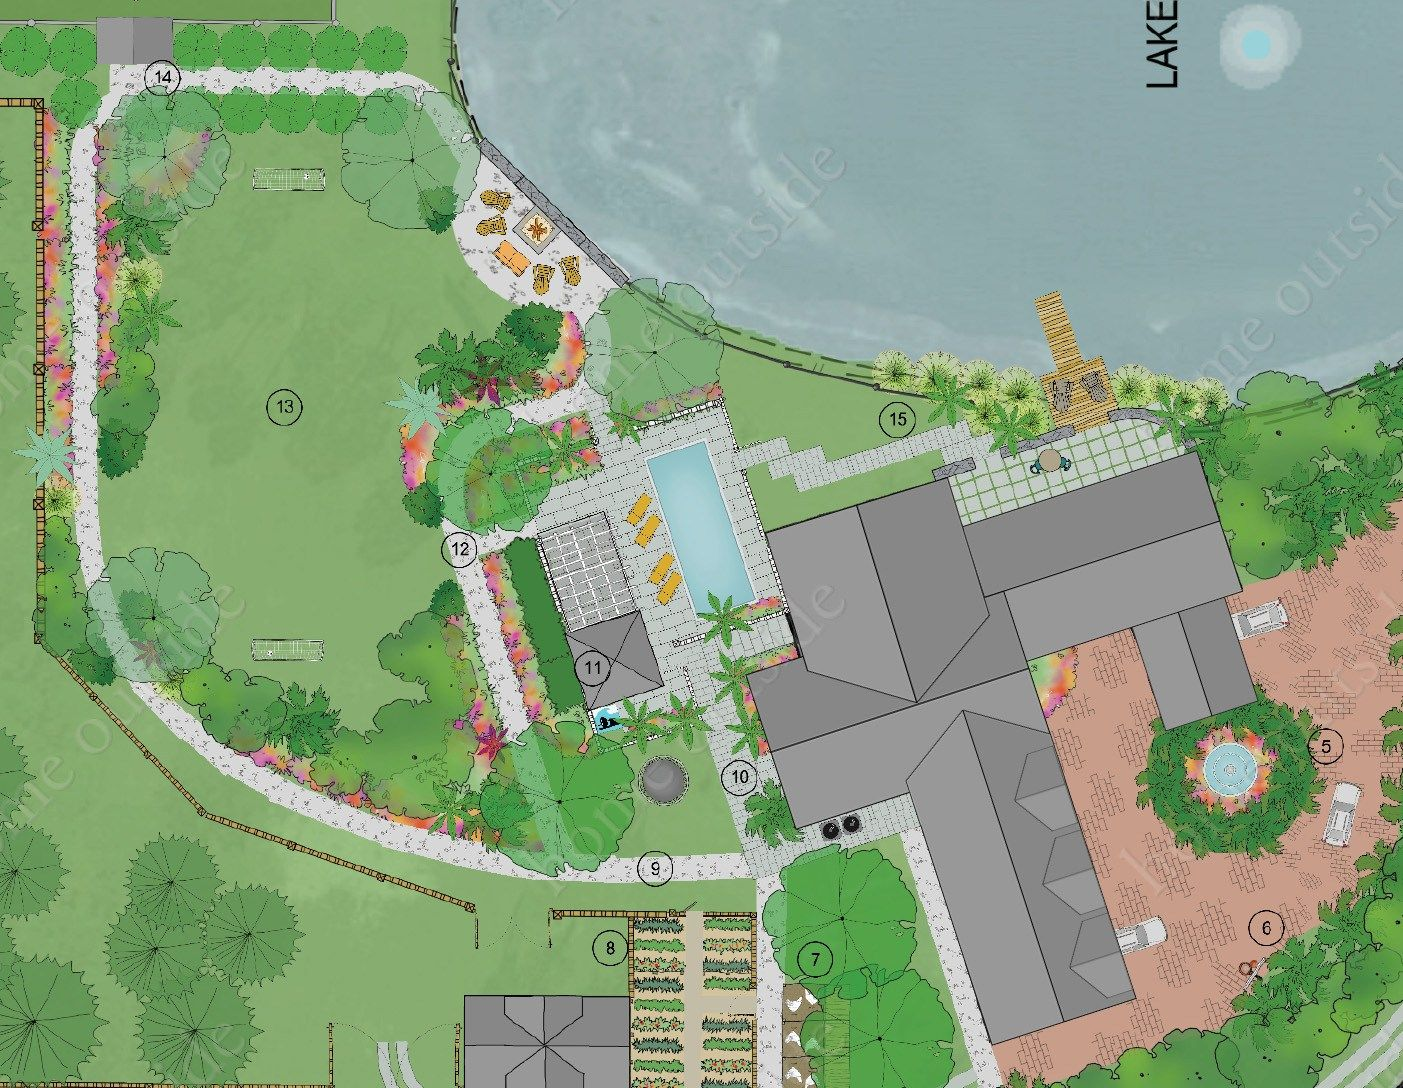 Large Property Master Plan Florida Landscape Design Services